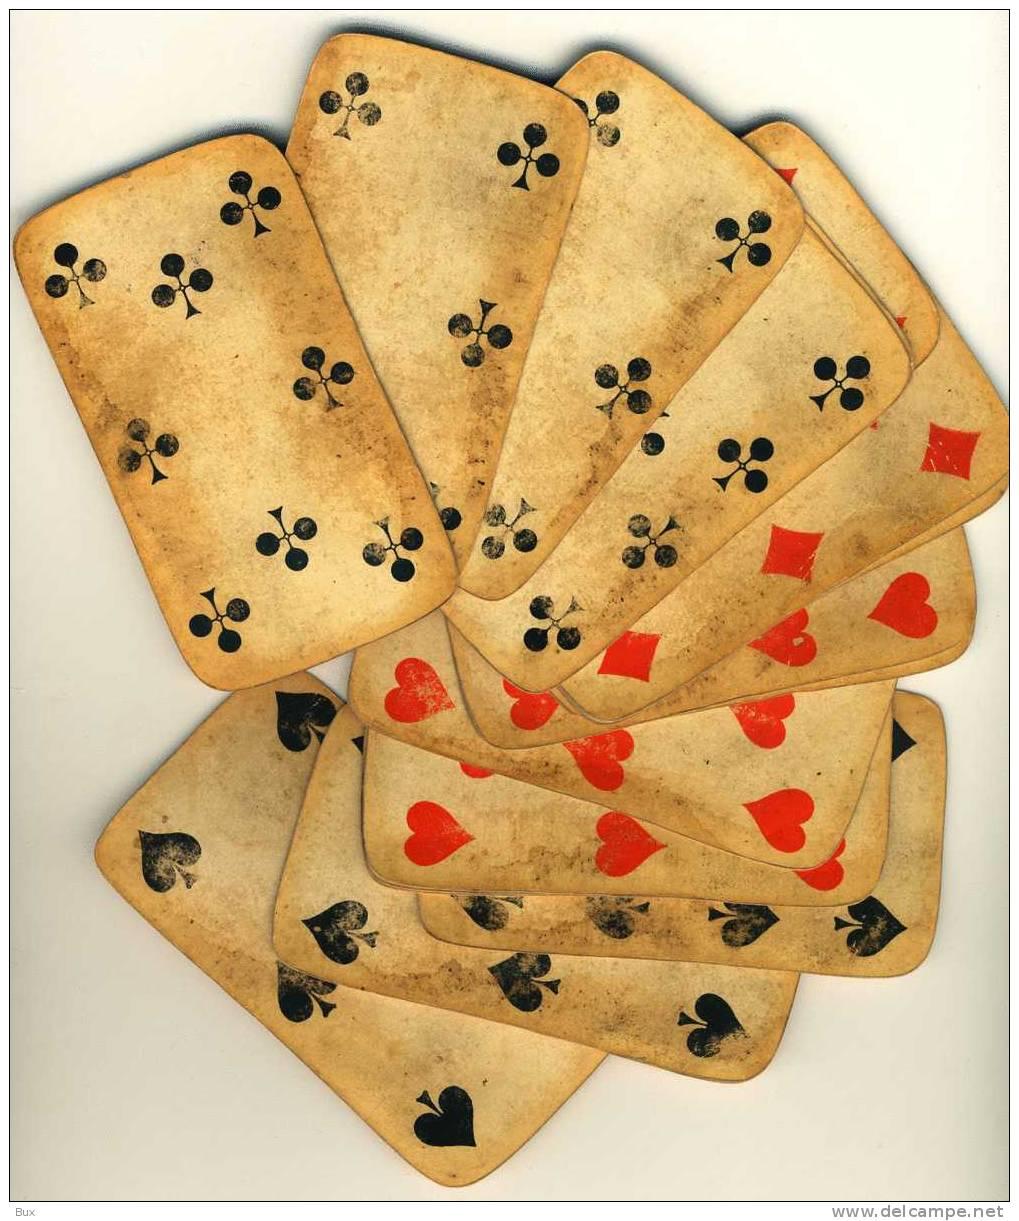 Le carte da gioco: materiali e segni diversi